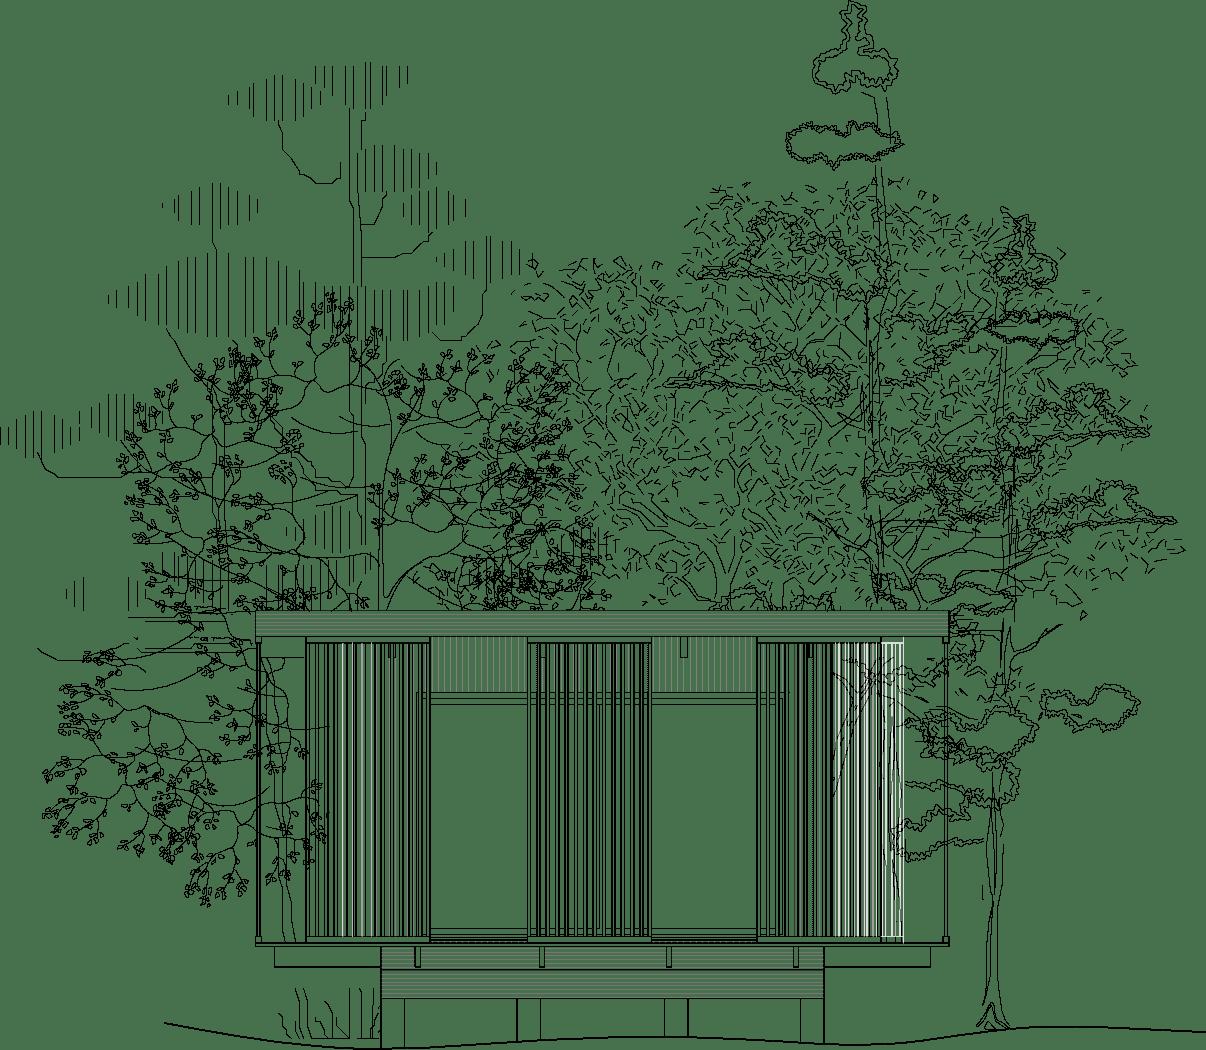 Miljövänligt hus - Yogastudio